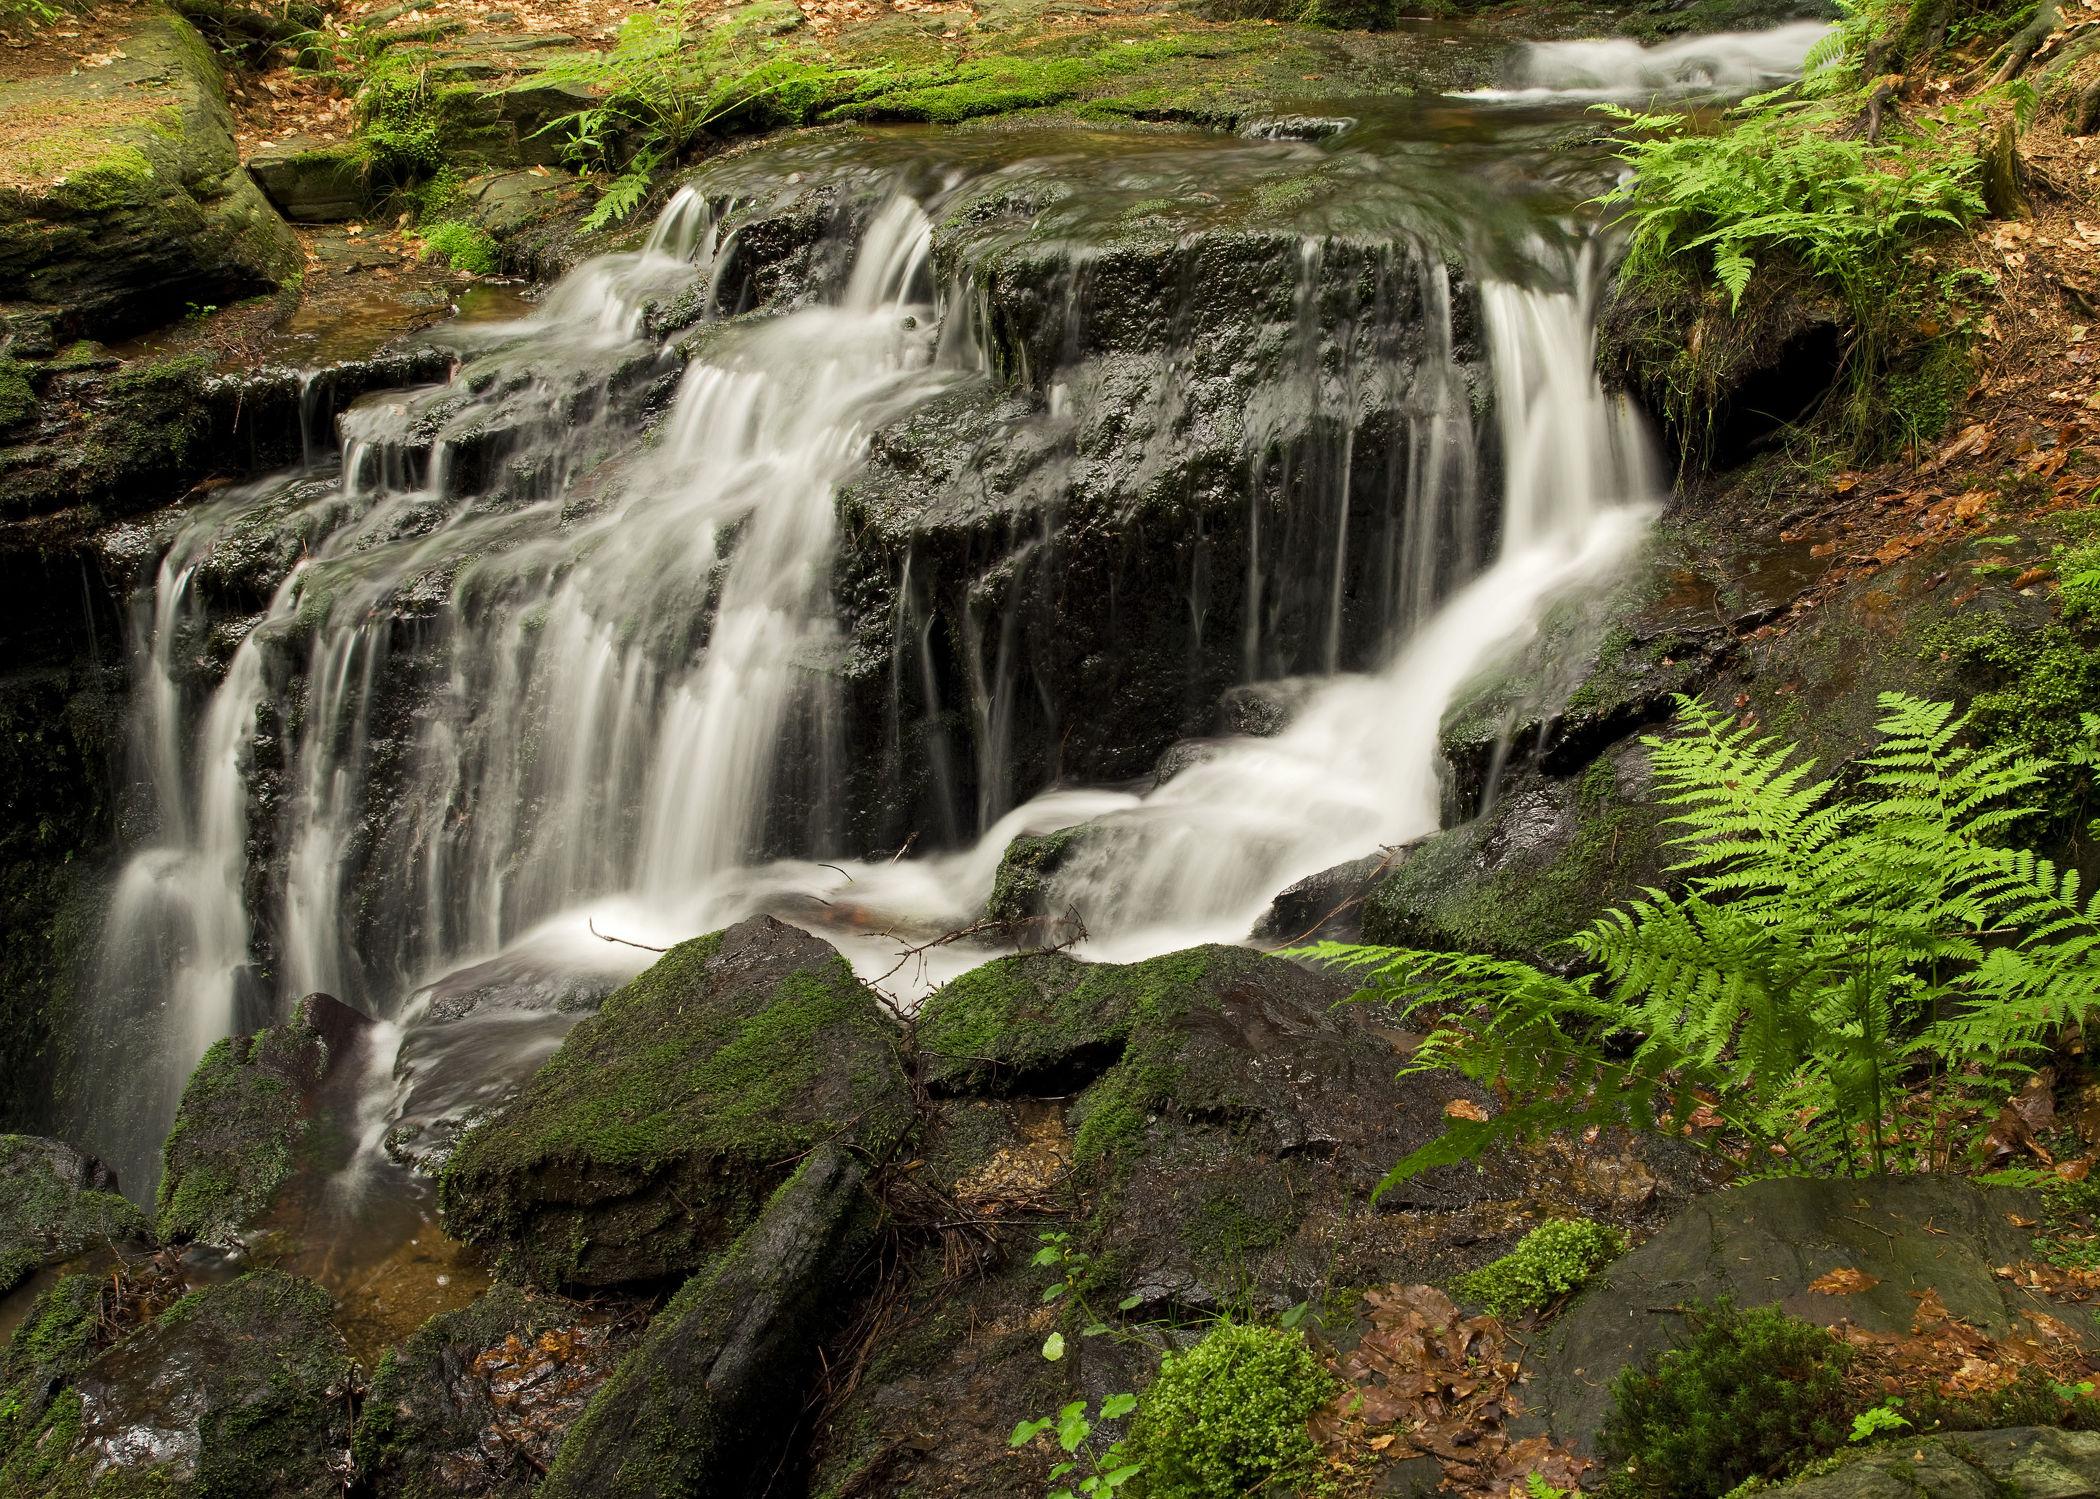 Bild mit Natur, Landschaften, Wälder, Wasserfälle, Wald, Landschaft, Bach, Wasserfall, Bäche